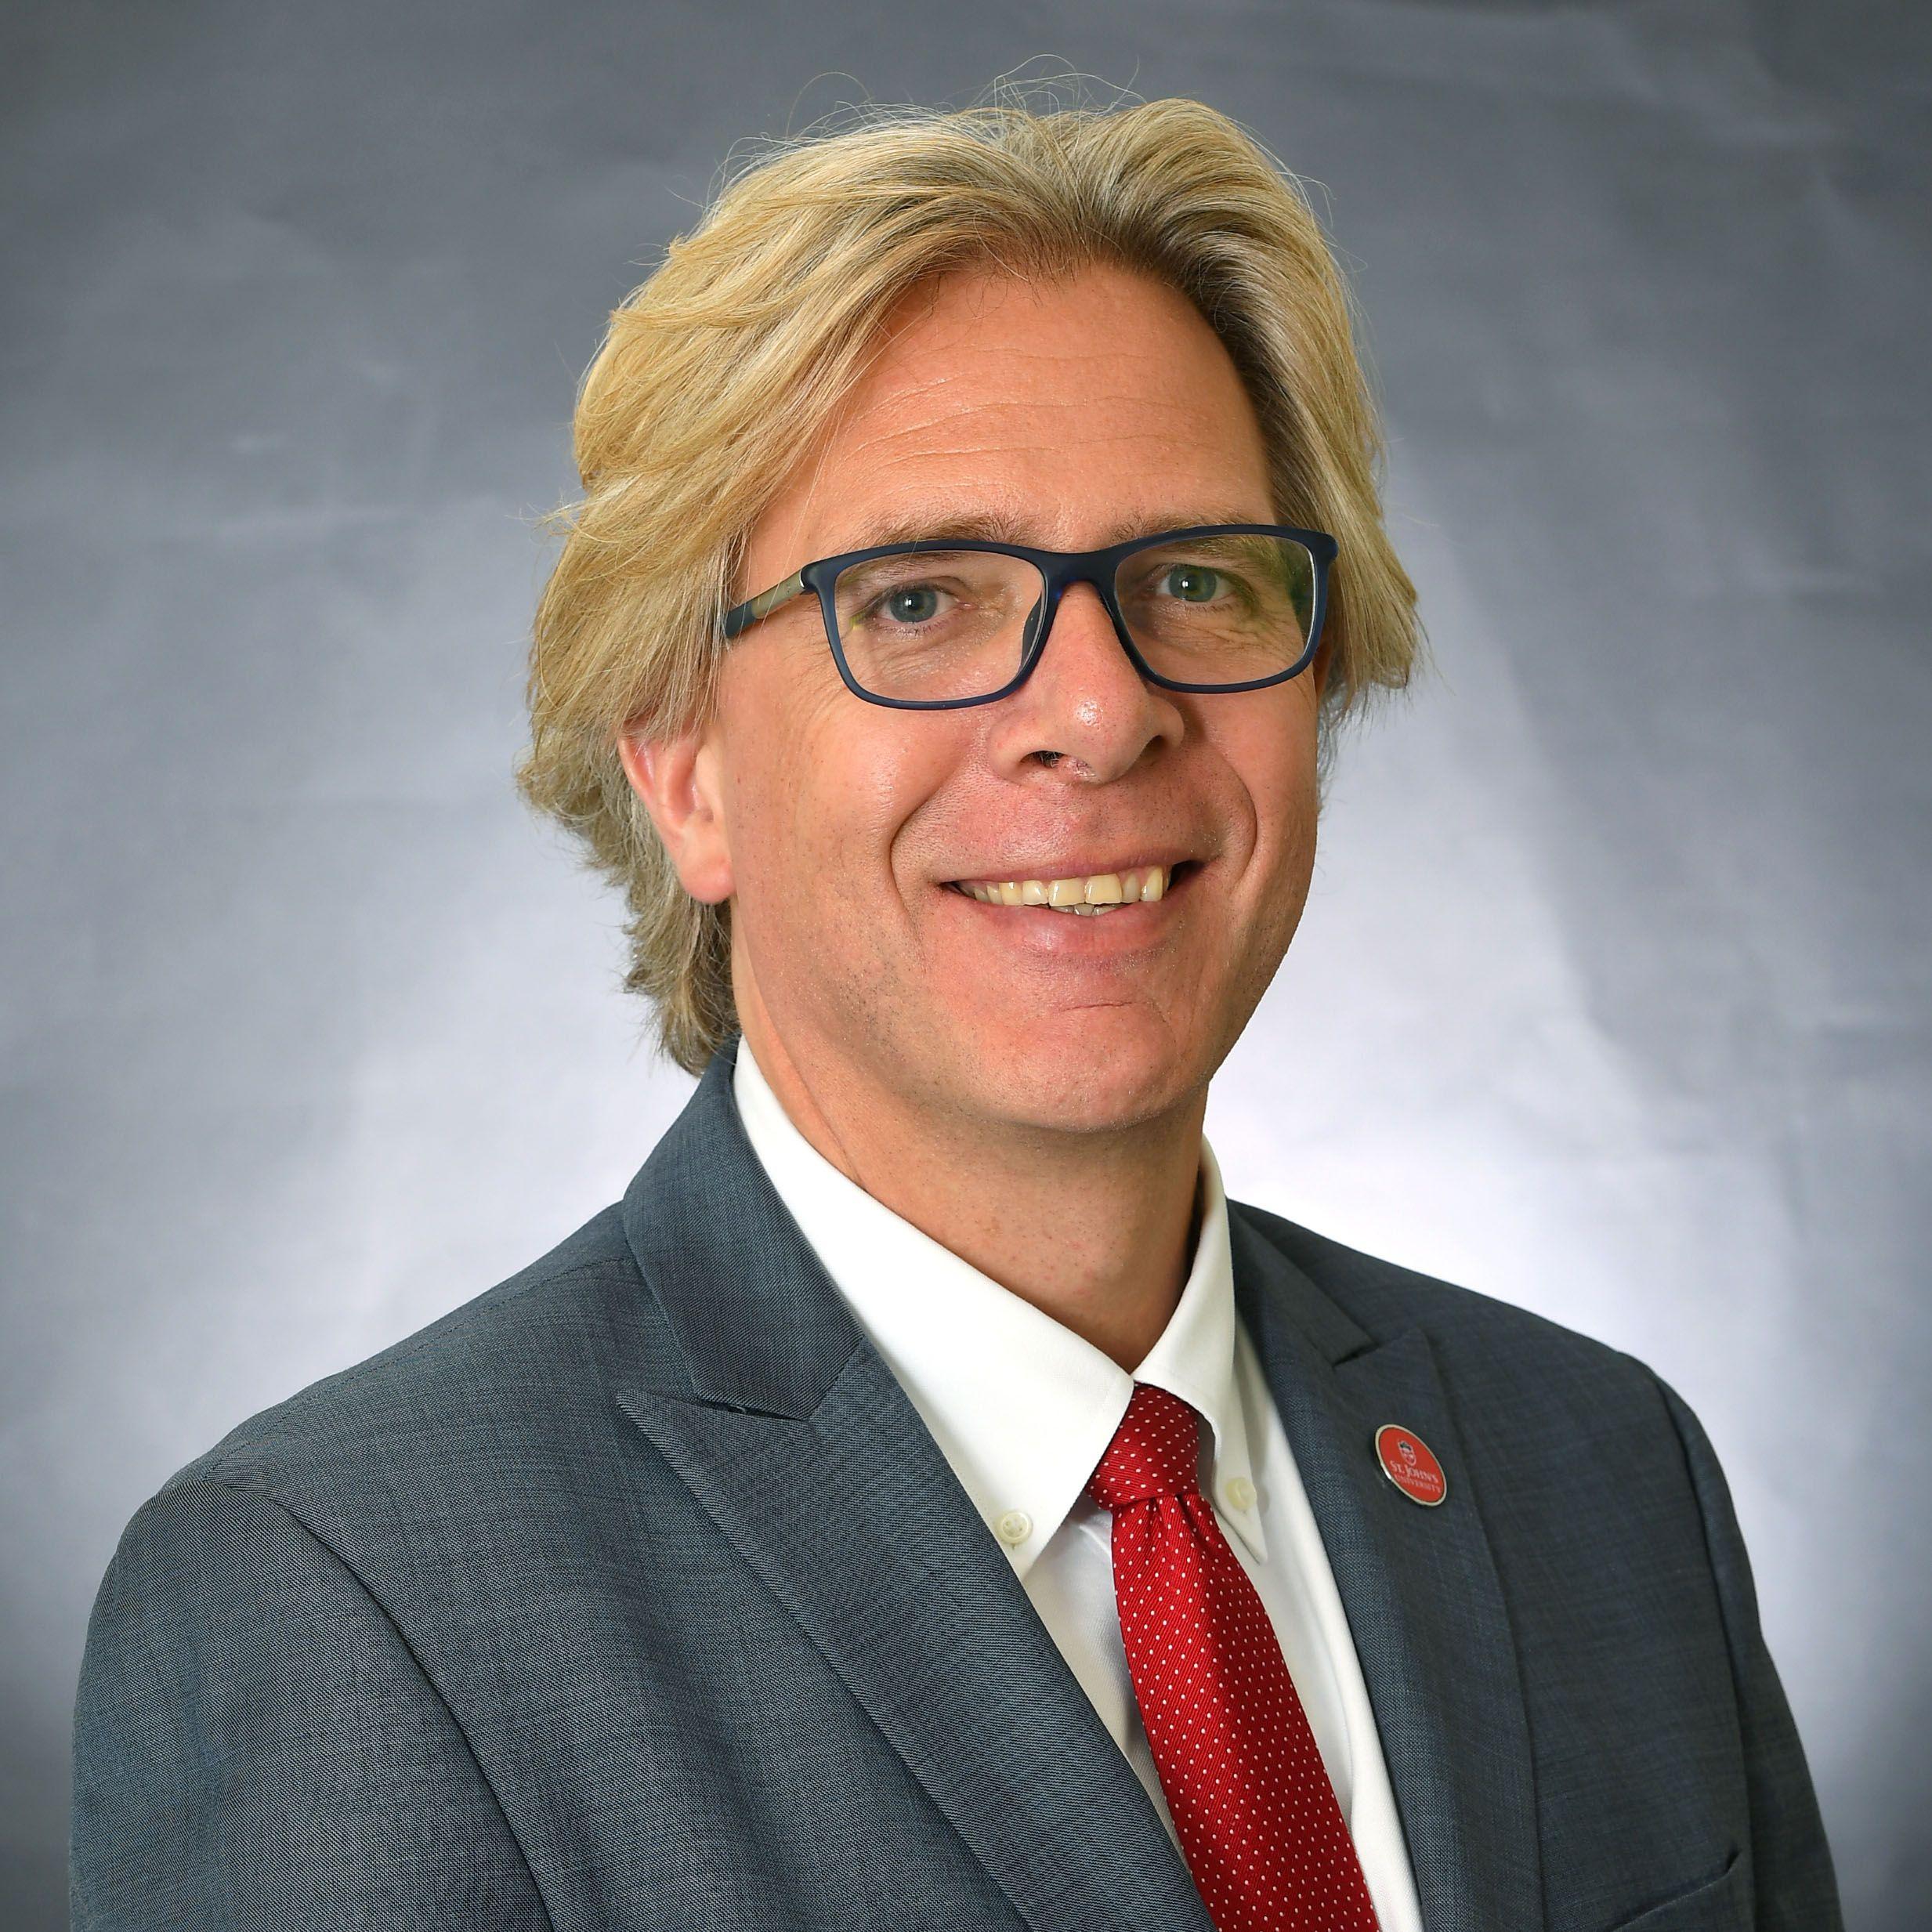 Simon Geir Møller